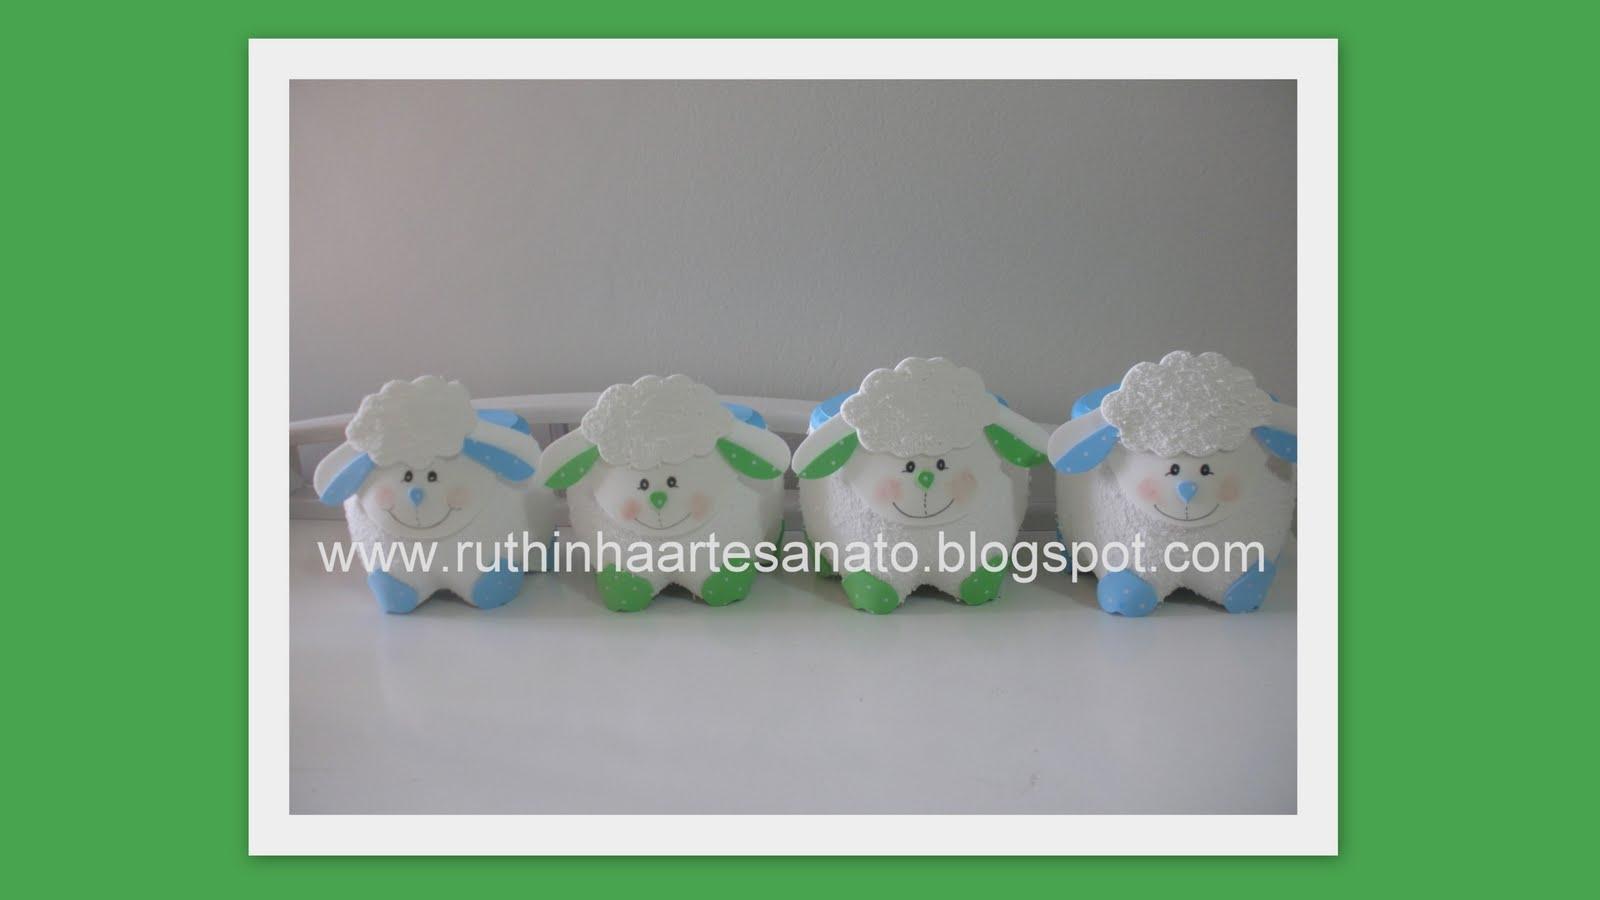 trabalhos manuais para decoracao de interiores : trabalhos manuais para decoracao de interiores:Ruthinha Artesanato: Decoração quartinho ovelhinhas